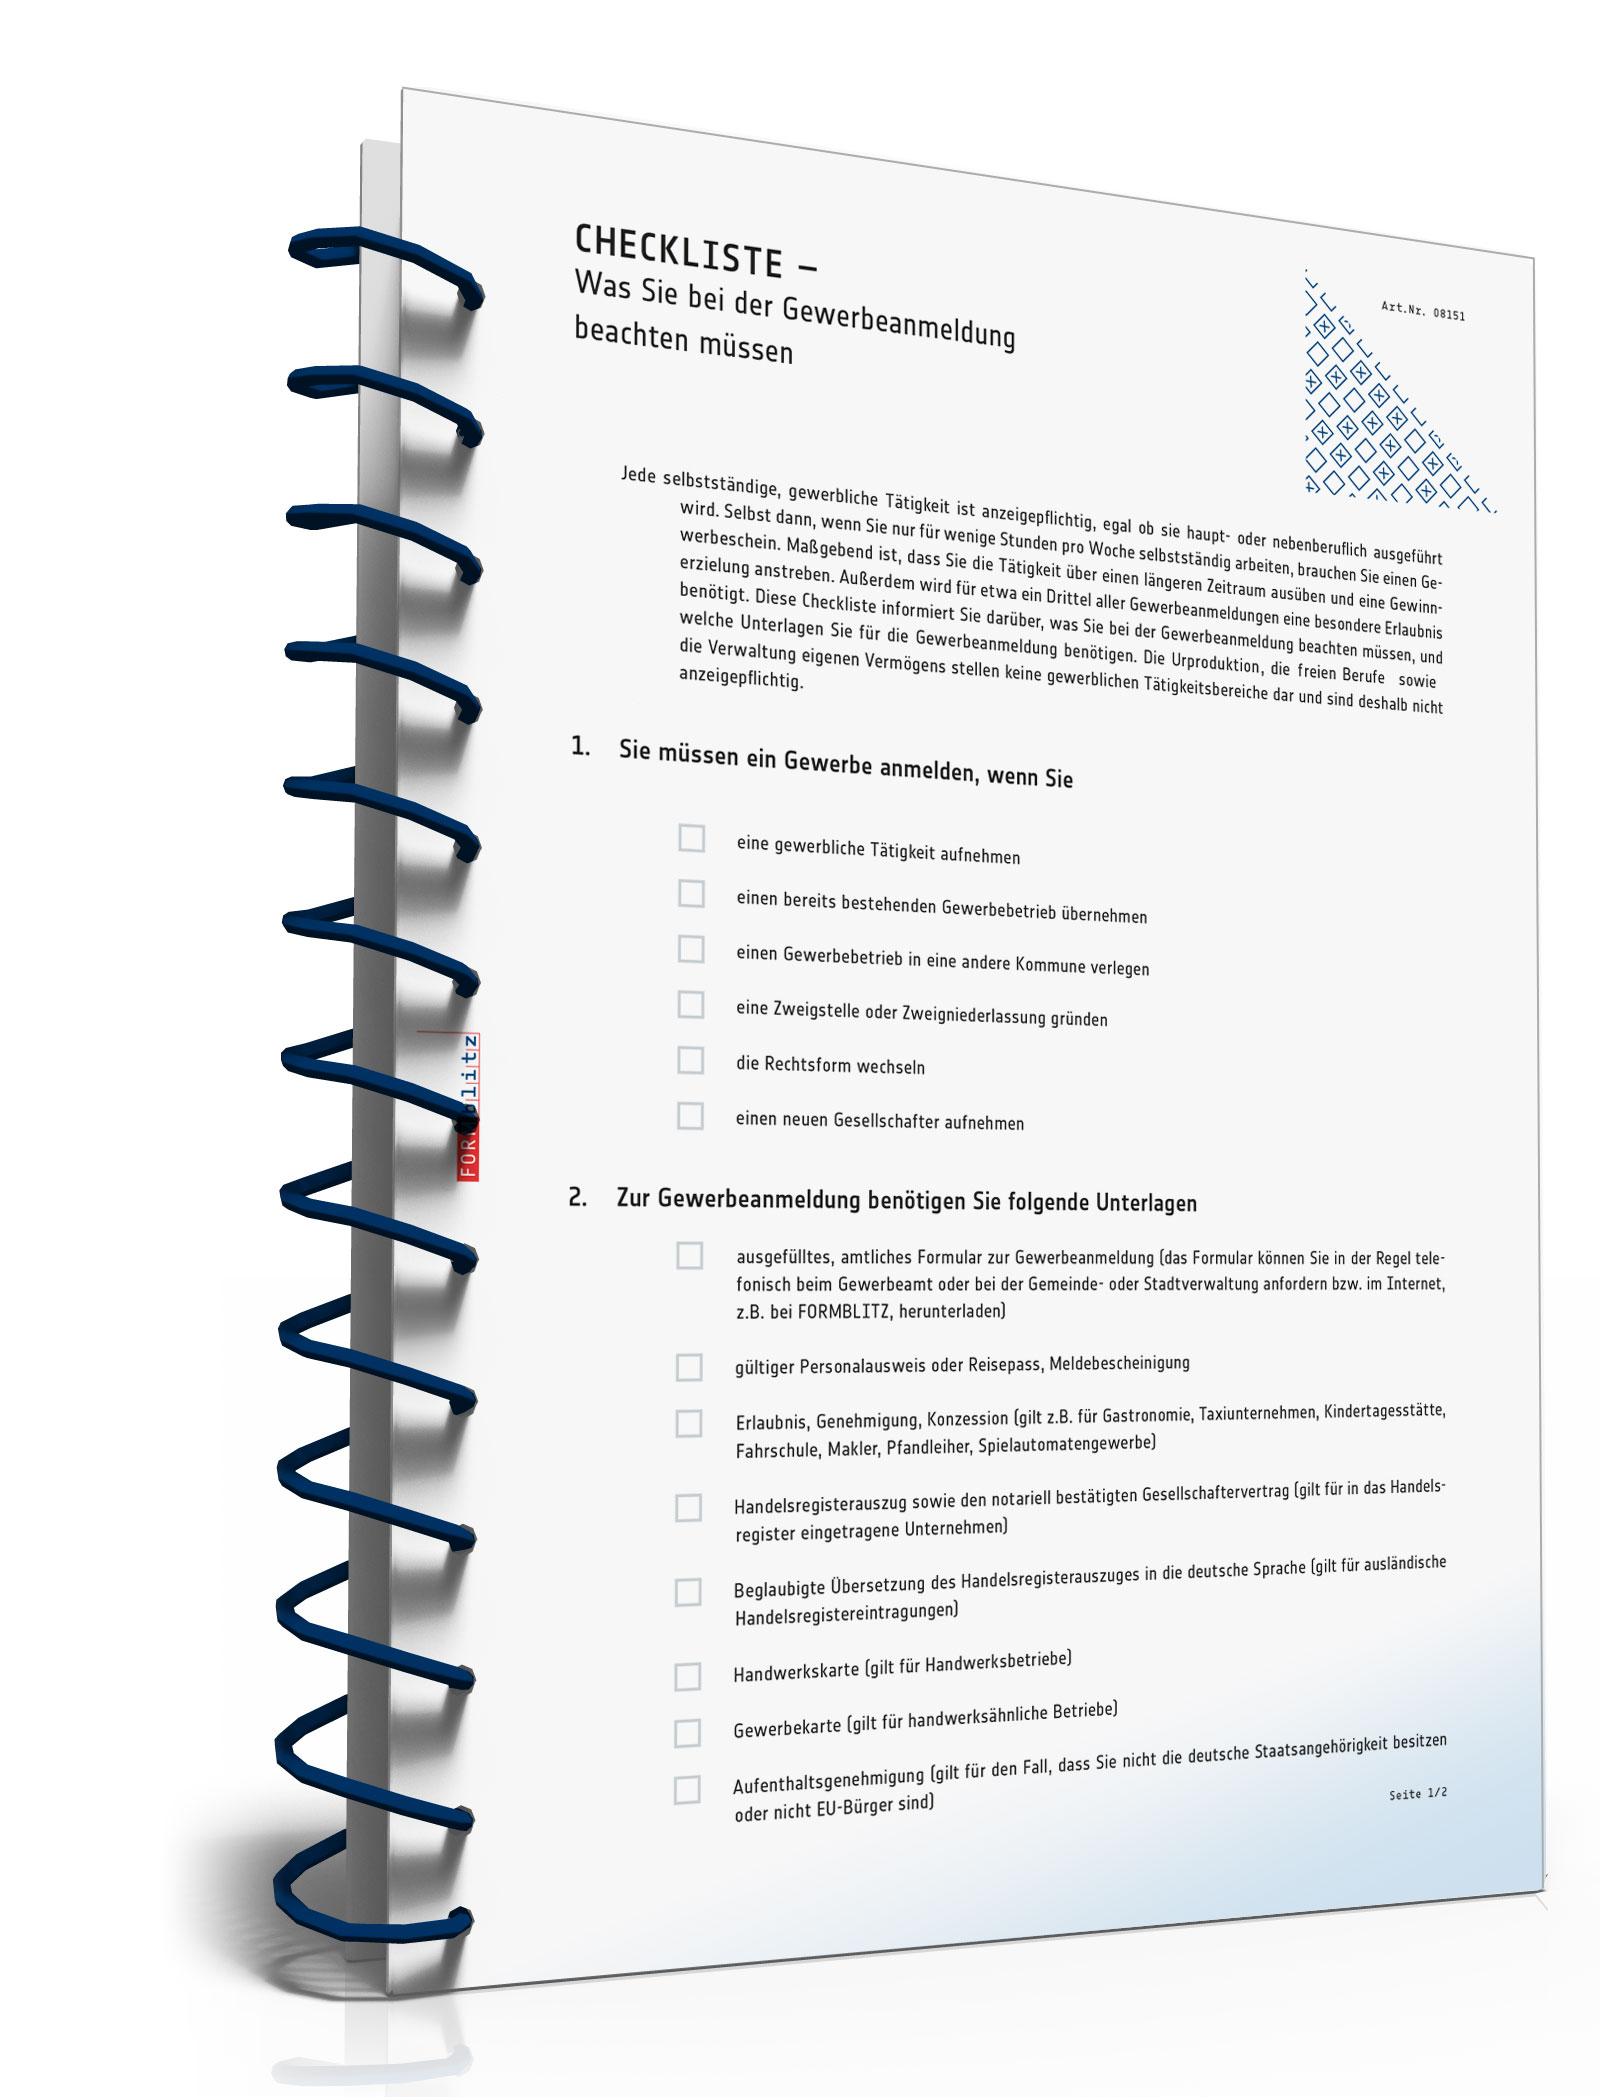 Was Sie bei der Gewerbeanmeldung beachten müssen [PDF Download]